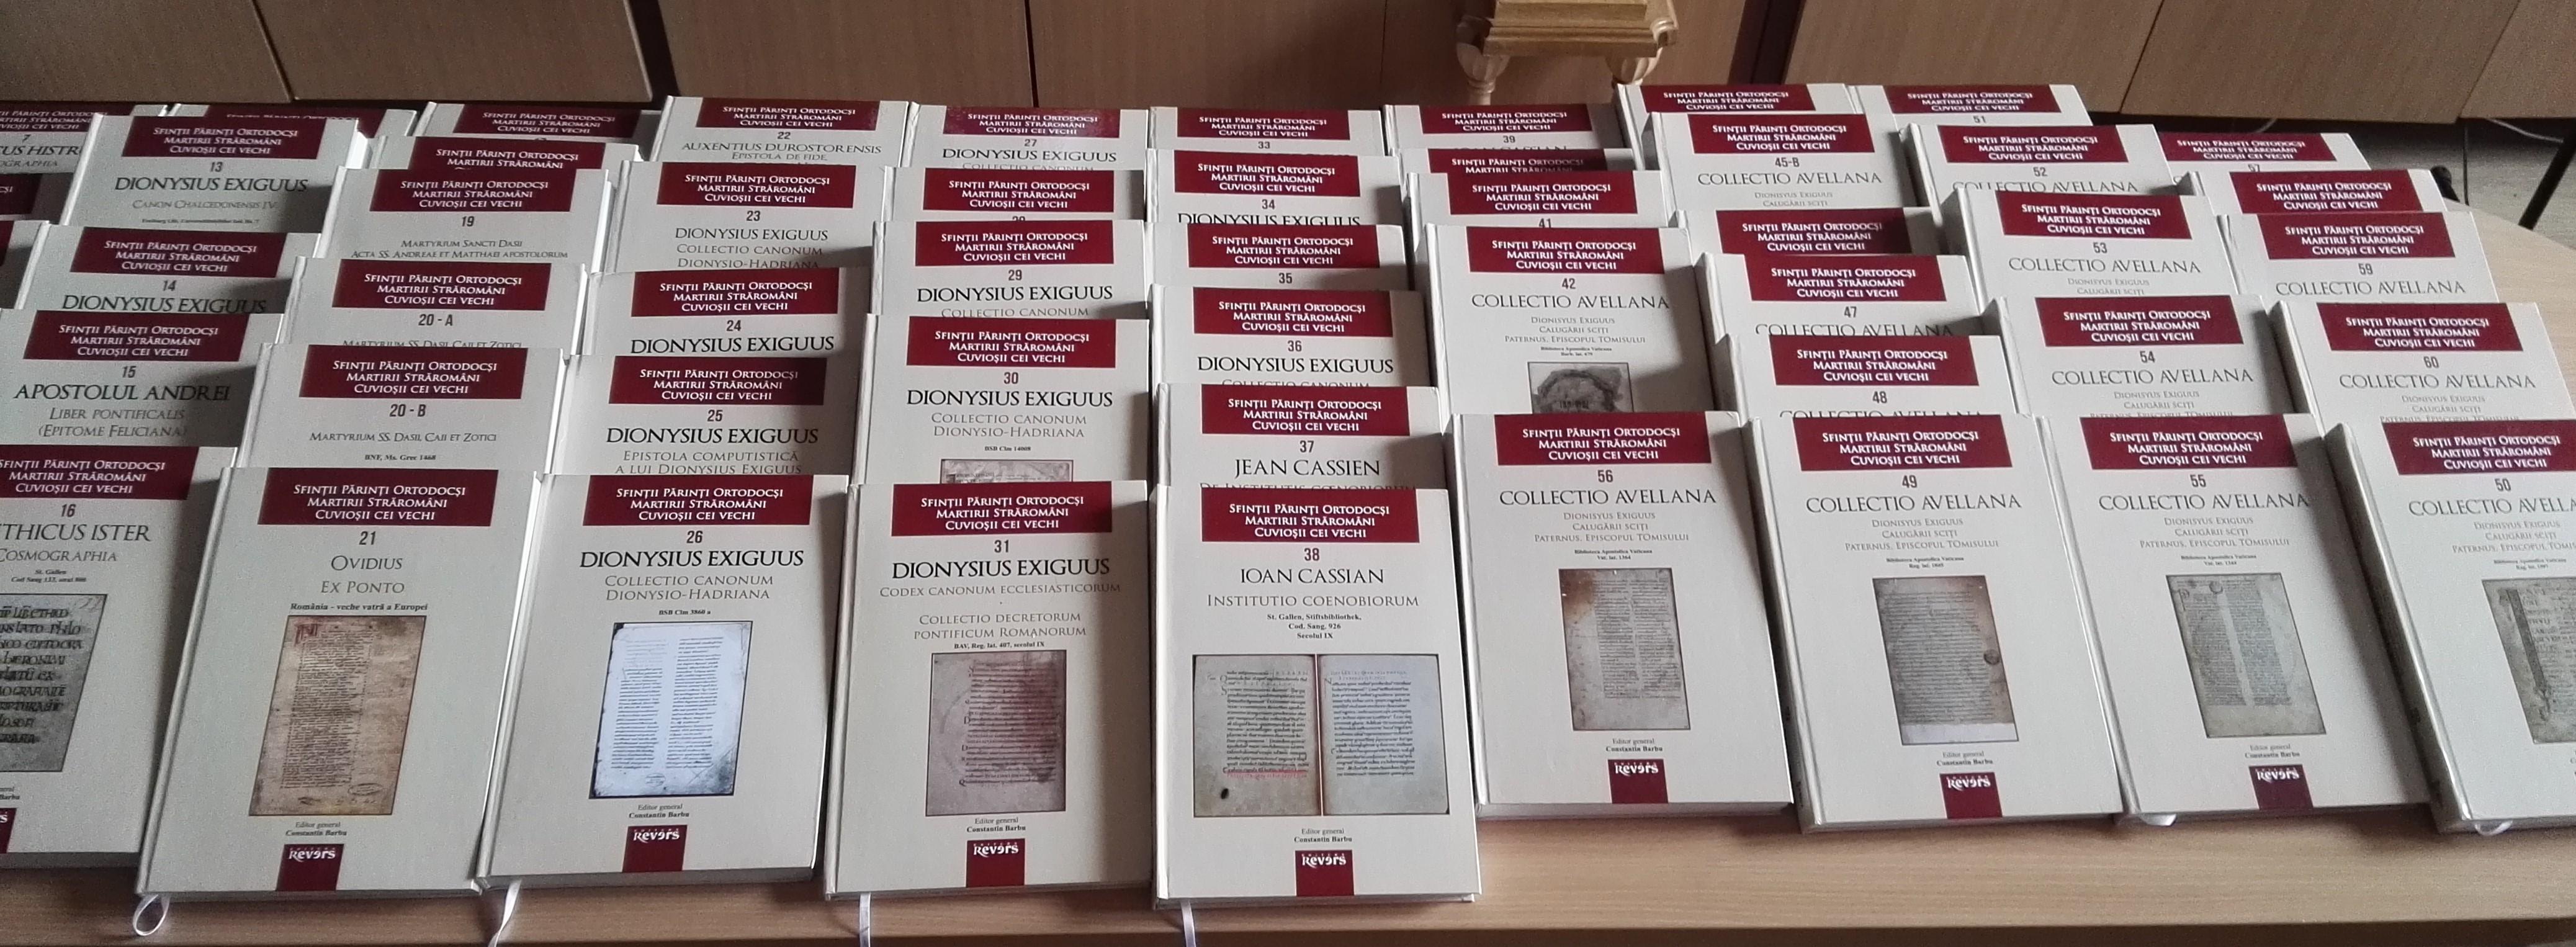 """Lansare colecție 100 volume, documente din mari arhive ale lumii - """"Sfinții Părinți Ortodocși. Martirii Străromâni. Cuvioșii cei vechi."""""""